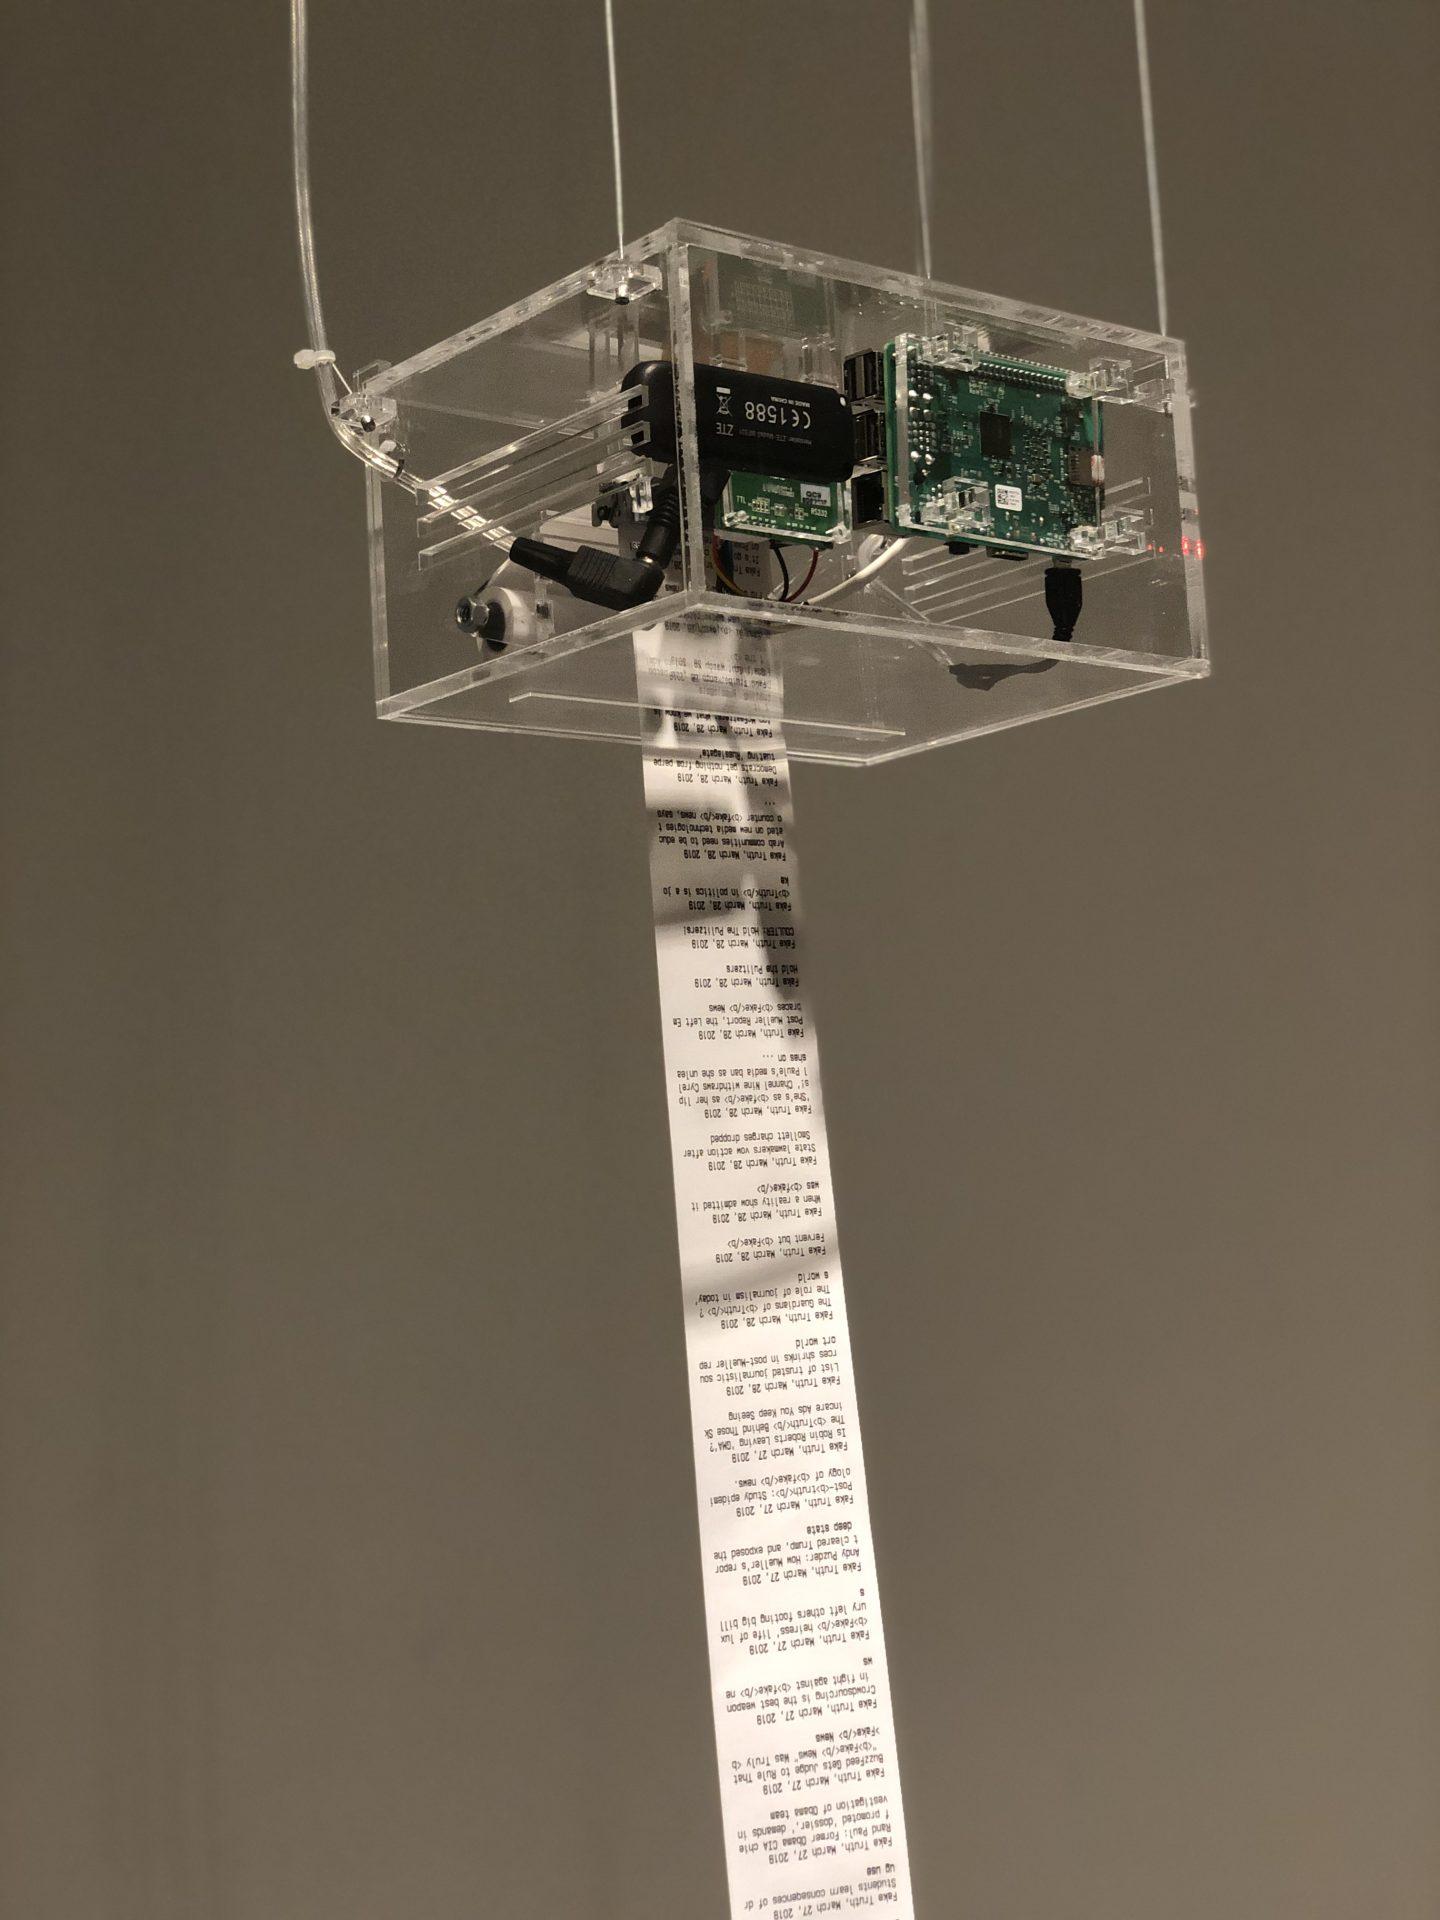 מוזיאון חיפה לאמנות תערוכה פייק ניוז צילה חסין כרמל ברנע ברזנר ג׳ונס2